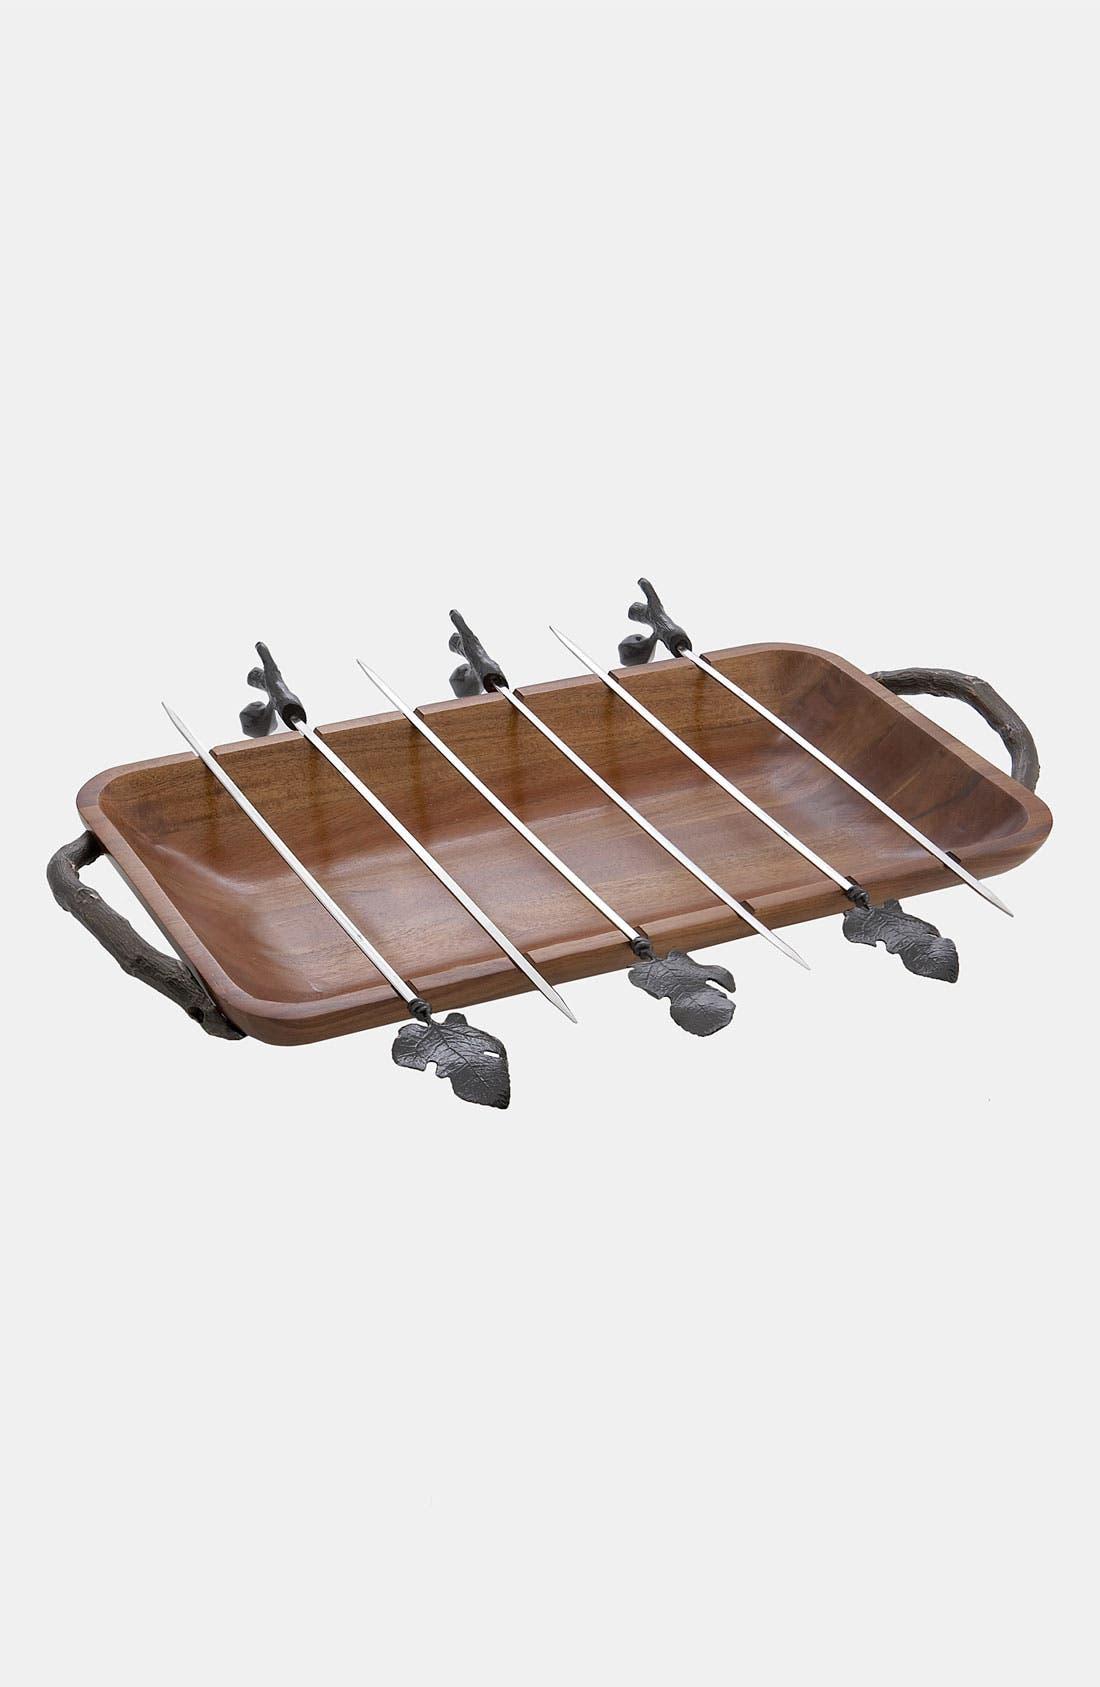 Alternate Image 1 Selected - Michael Aram 'Fig Leaf' Grilling Platter Set